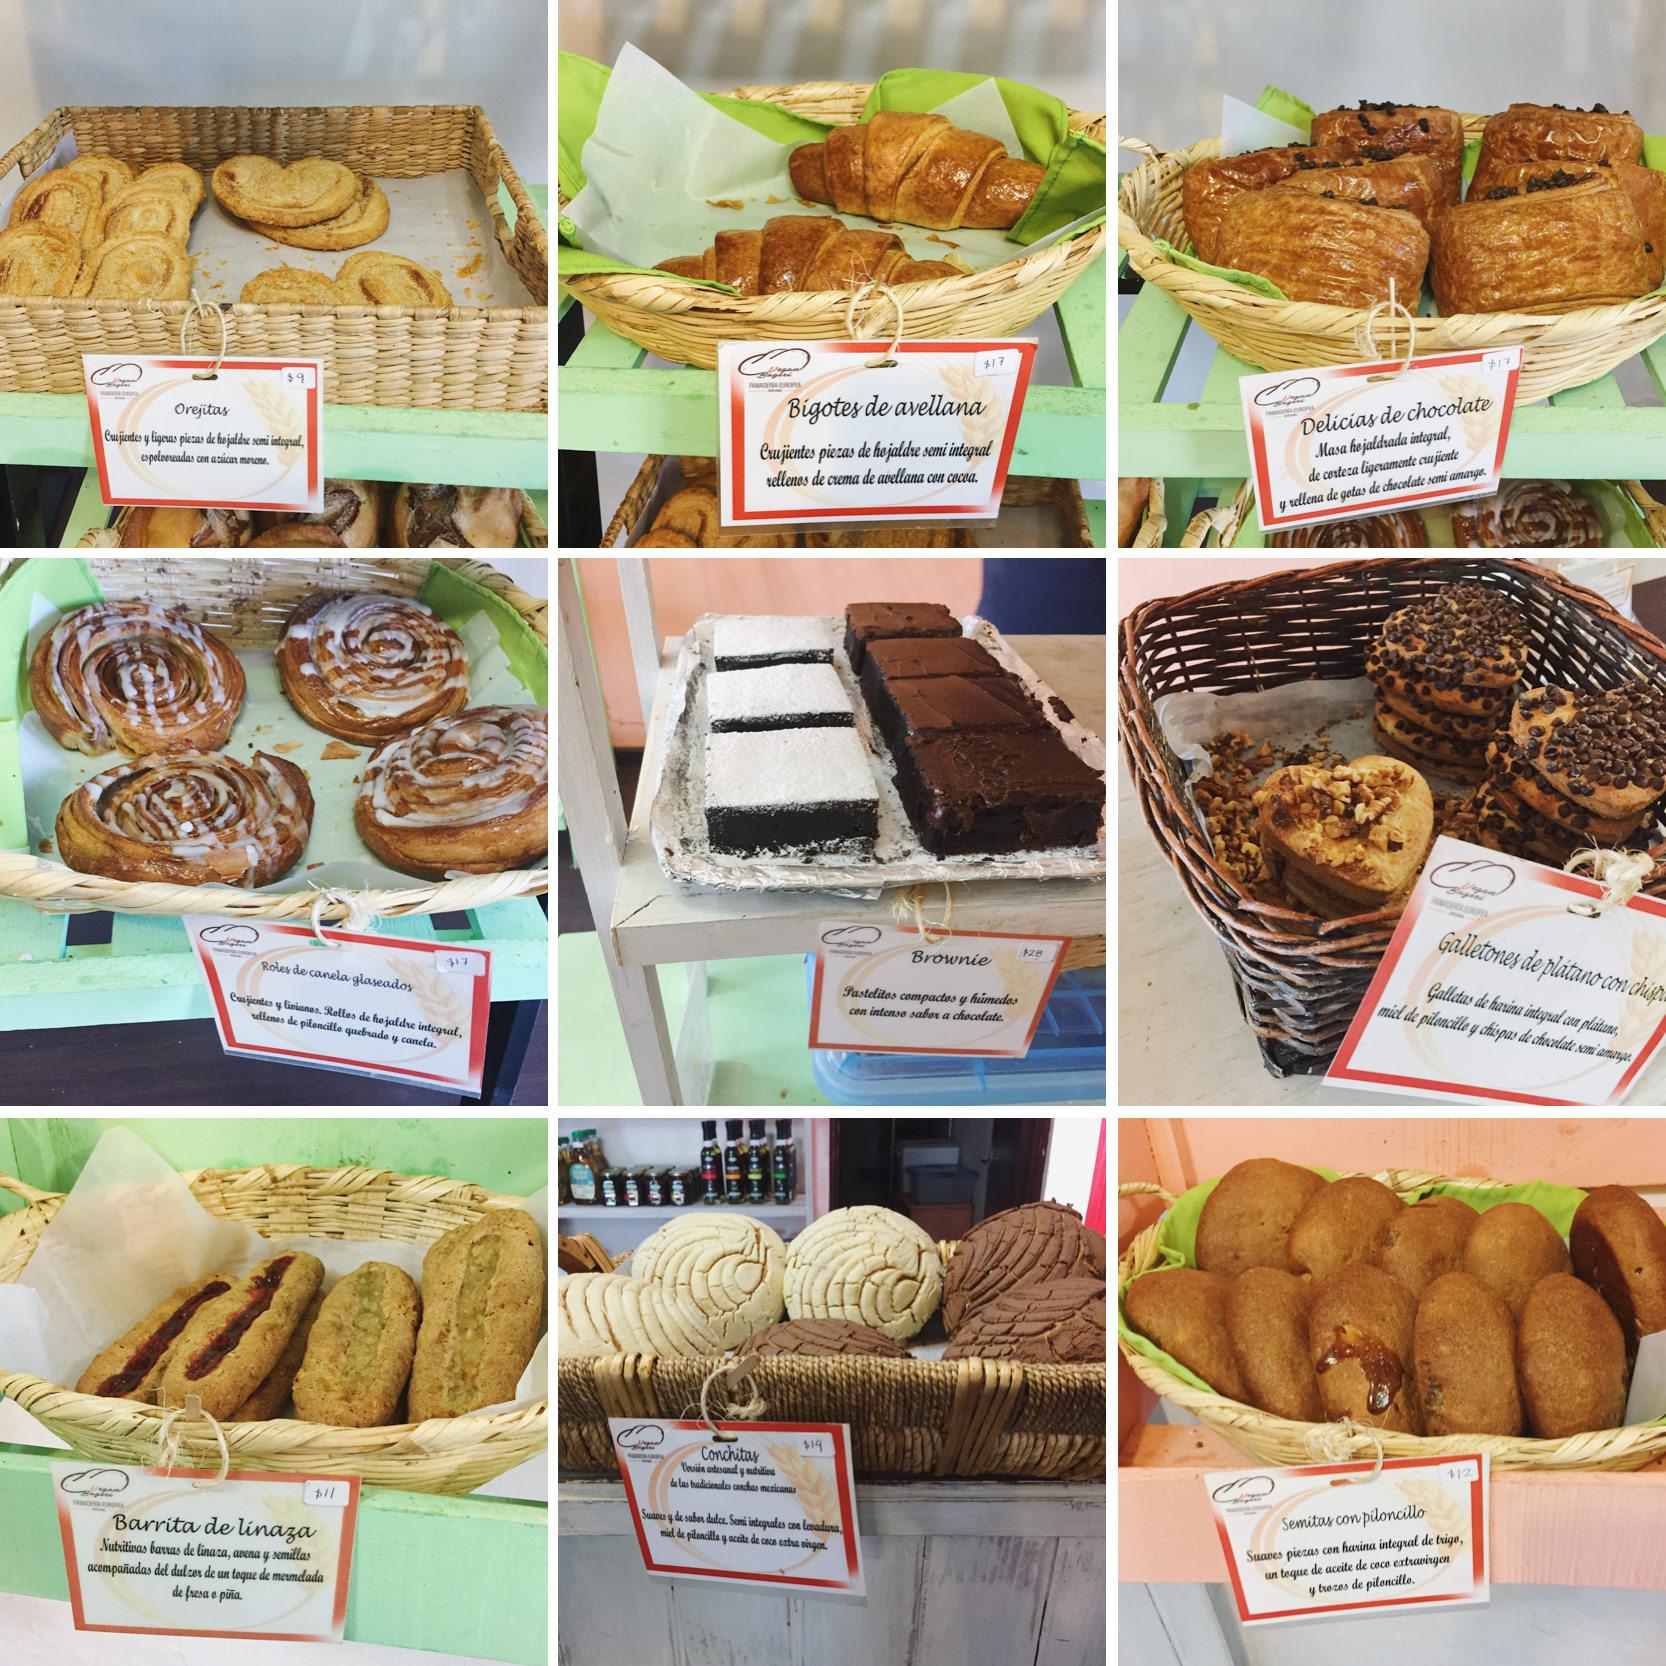 Guadalajara: Vegan Bageri Panaderia